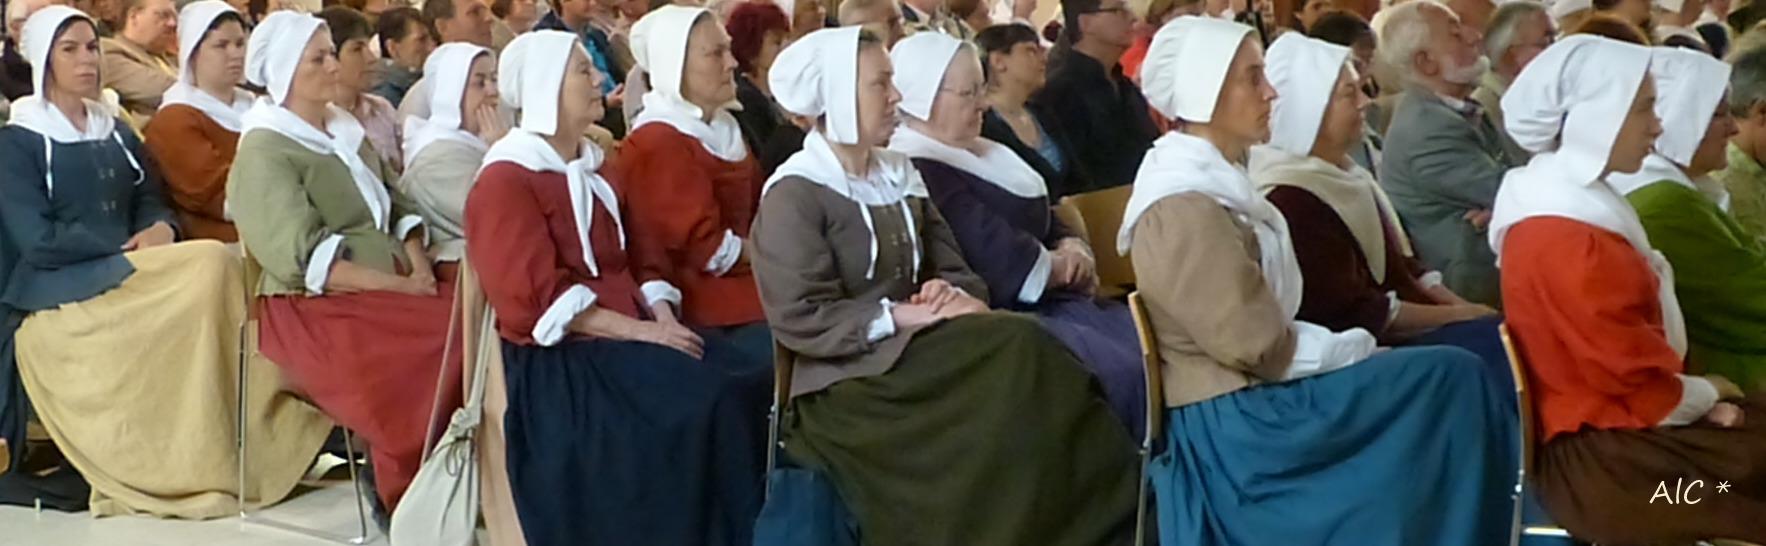 Les Filles du Roy à l'Oratoire